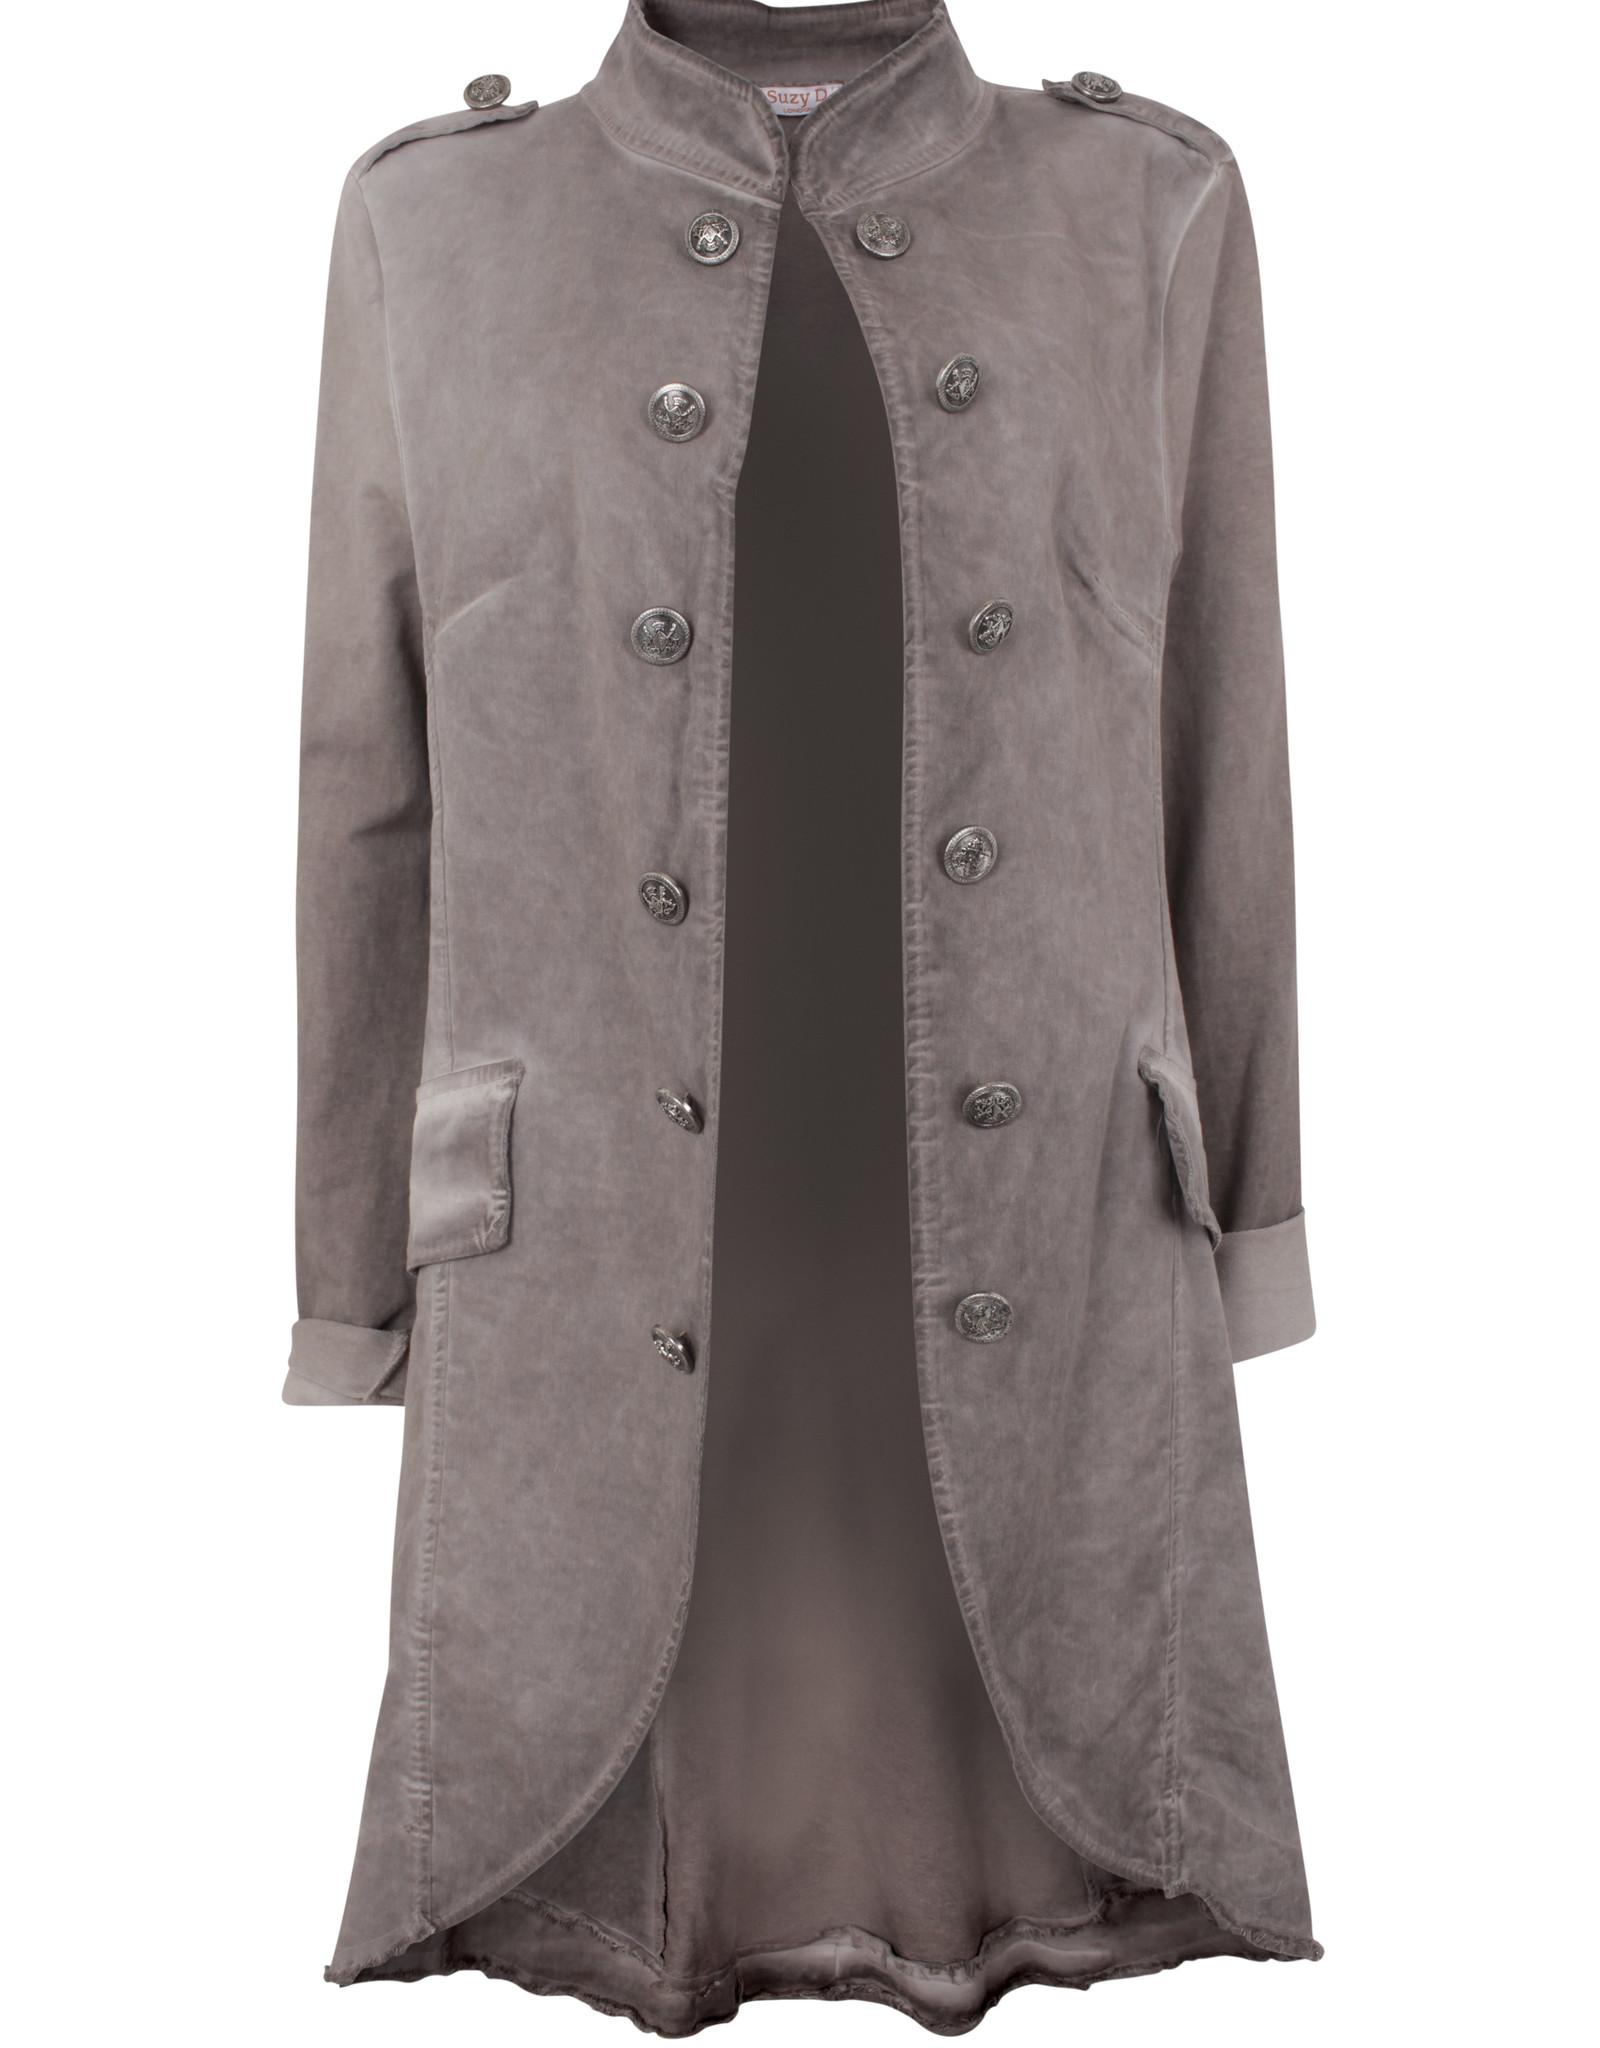 Suzy D Military Jacket